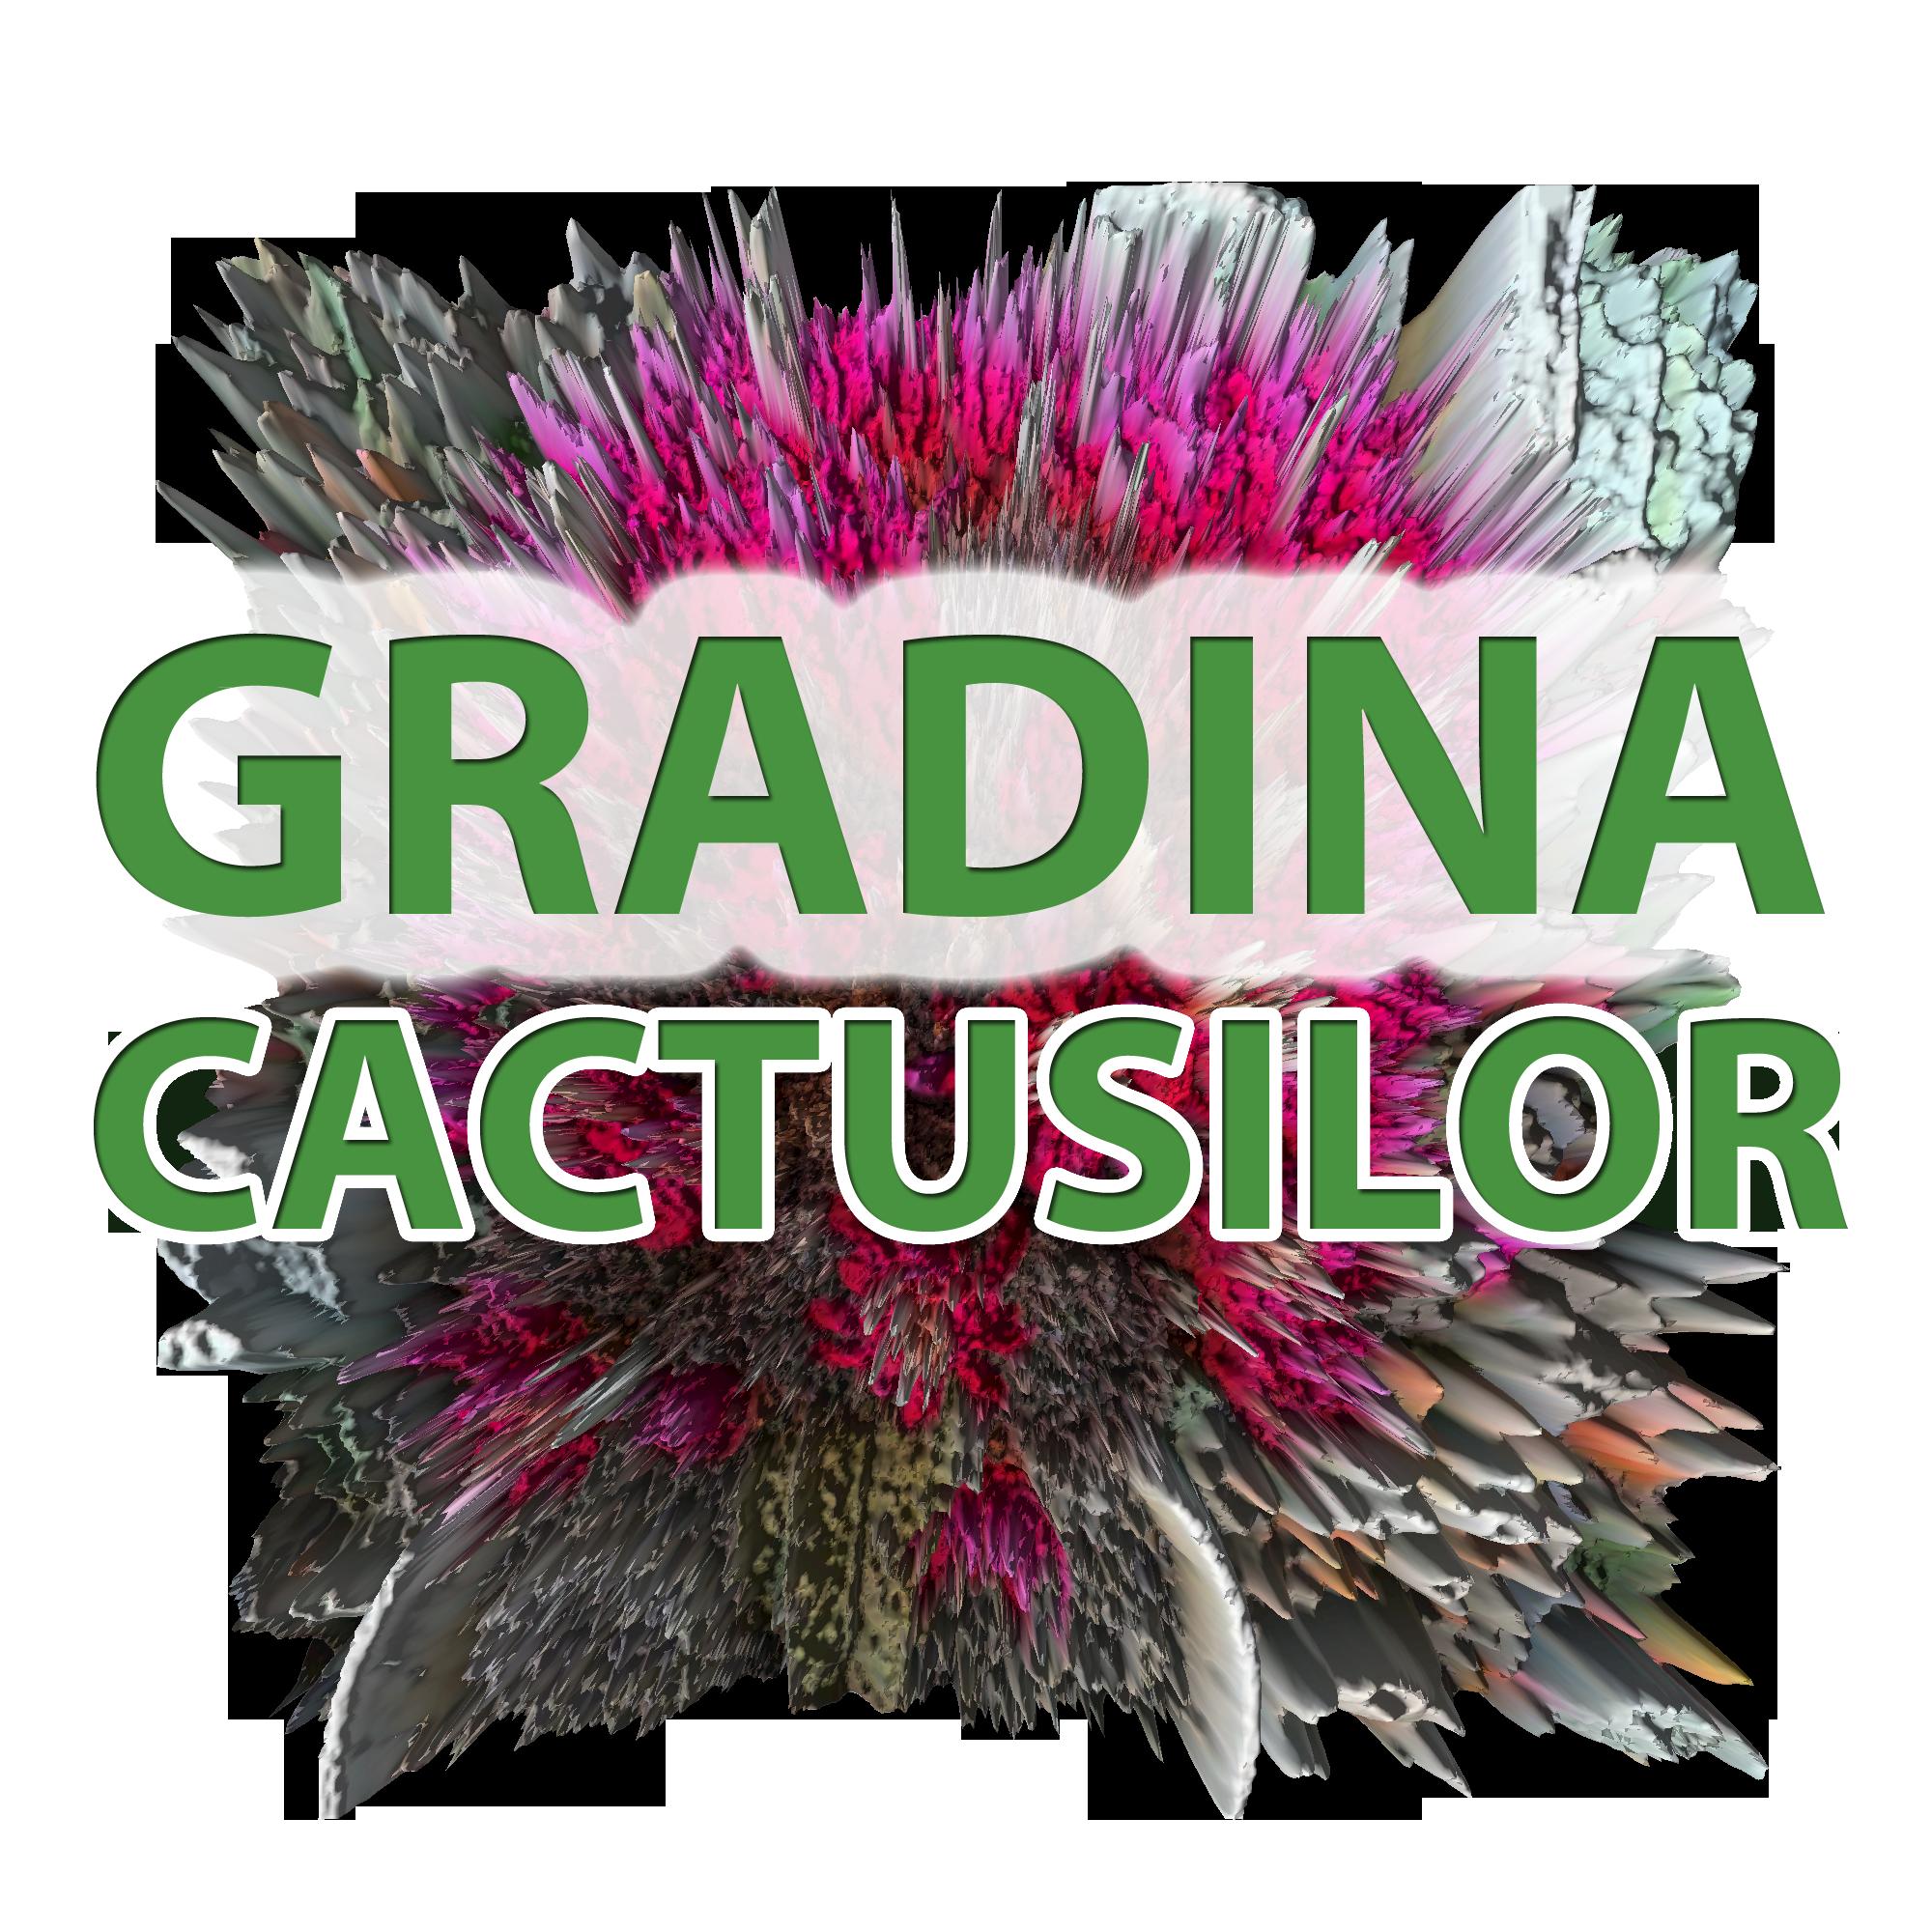 Gradina Cactusilor